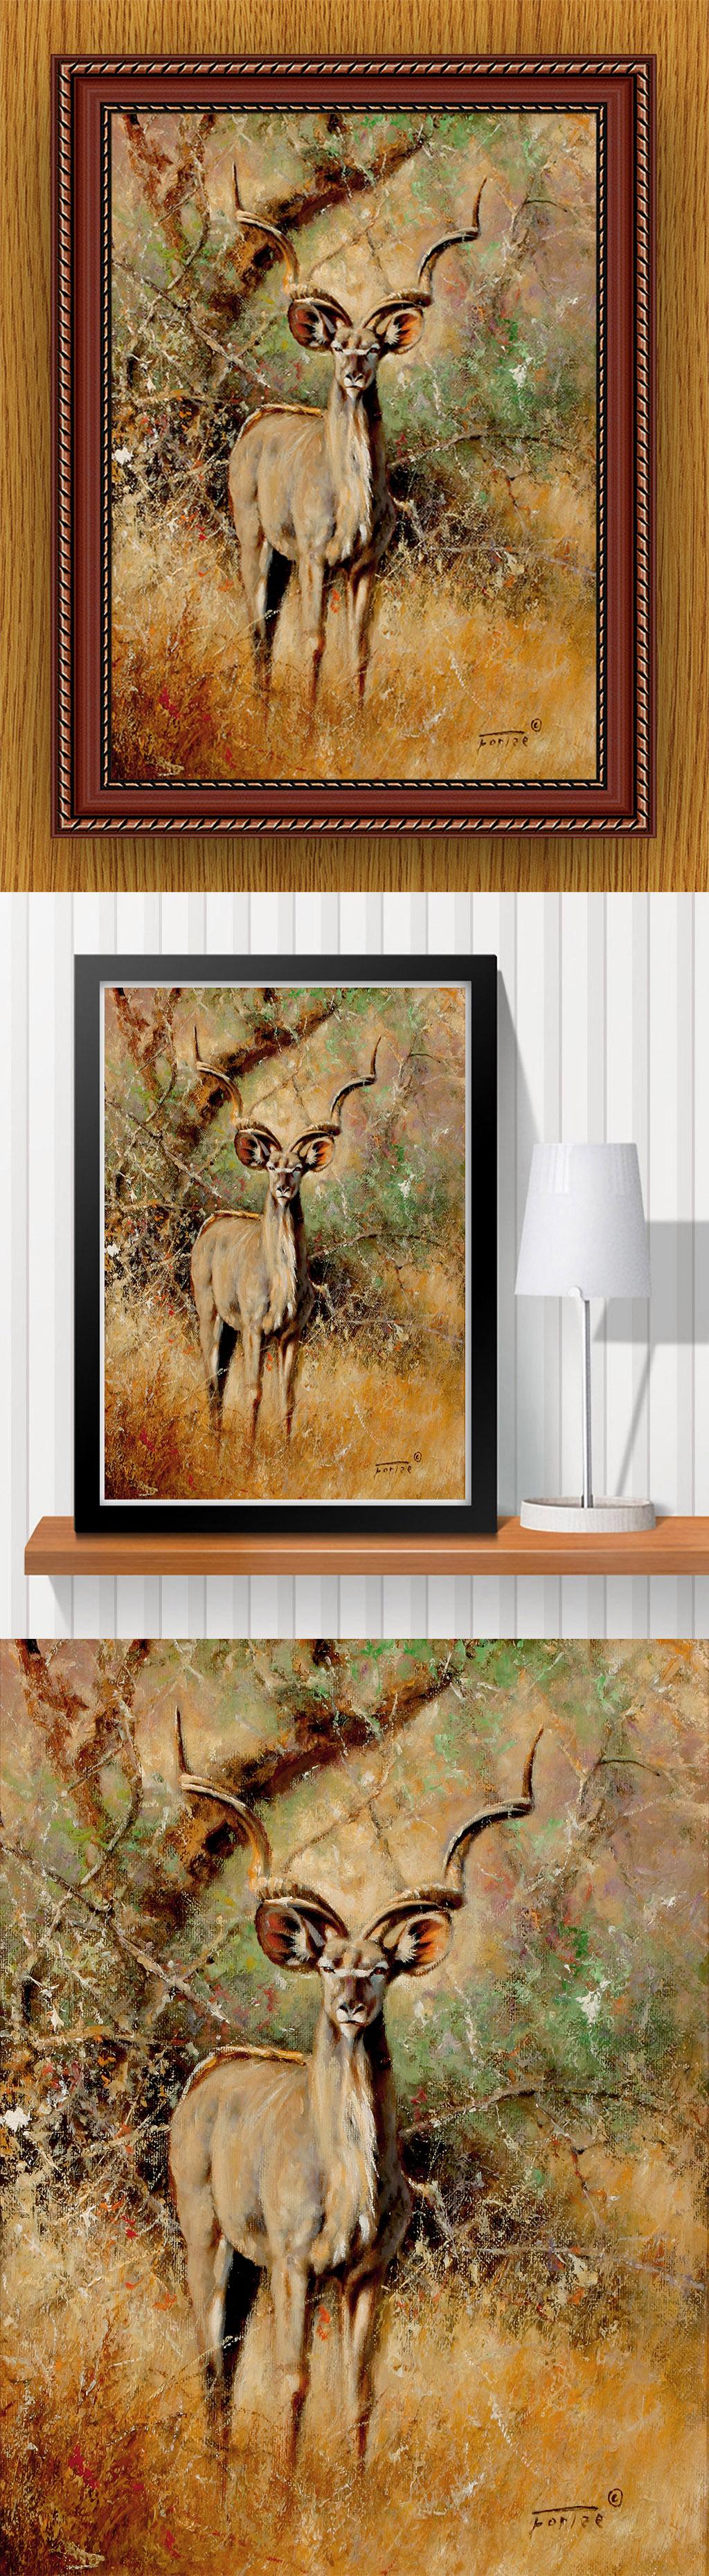 高清手绘现代写实风格草原麋鹿风景油画